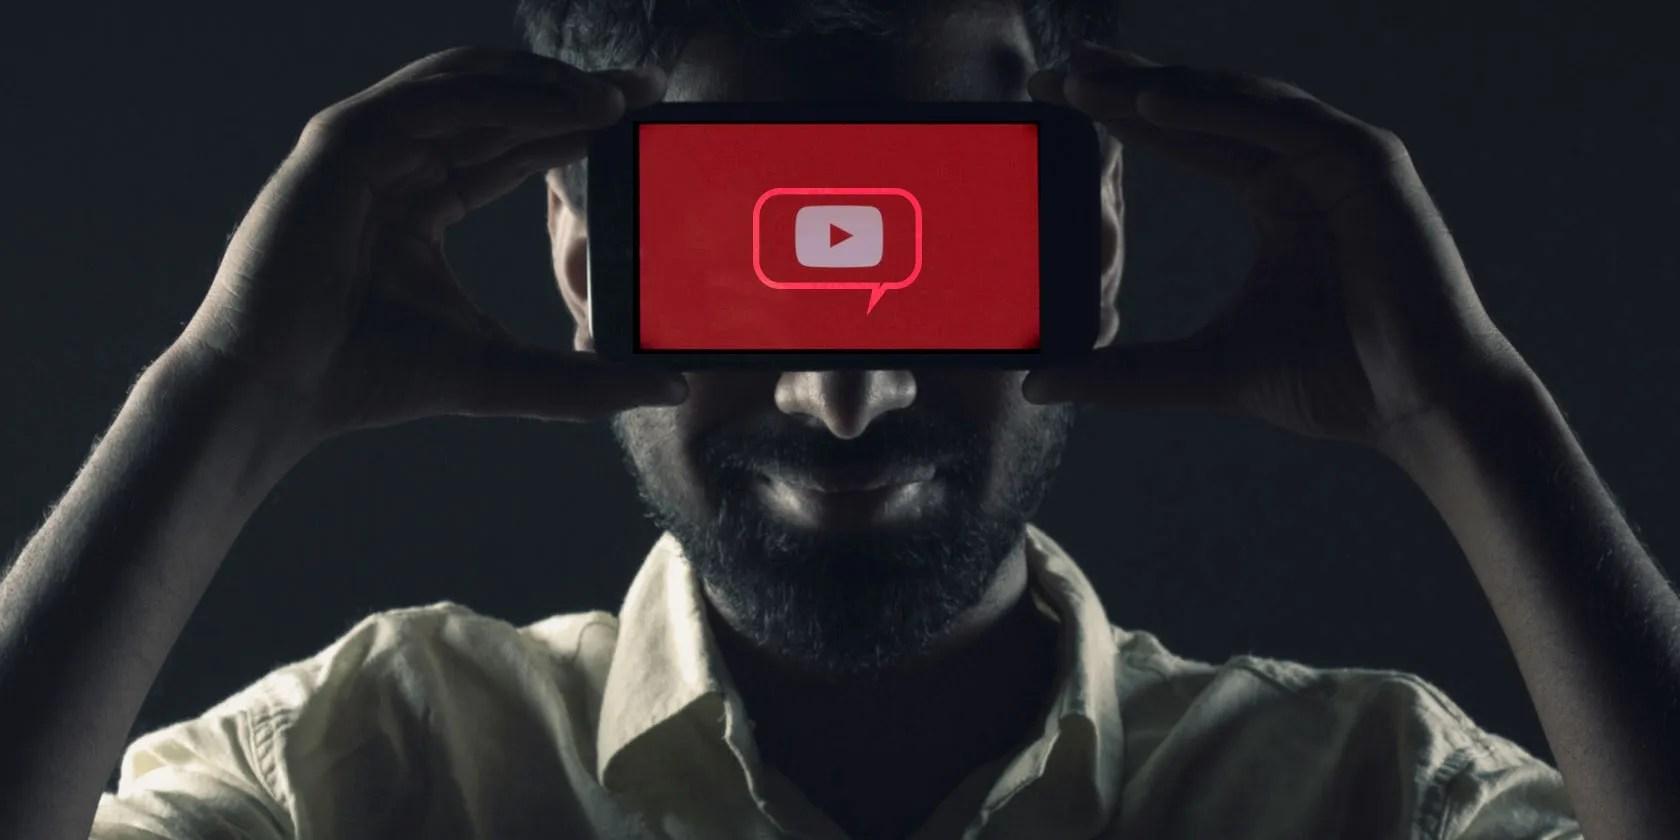 peggiore-youtube-commenti